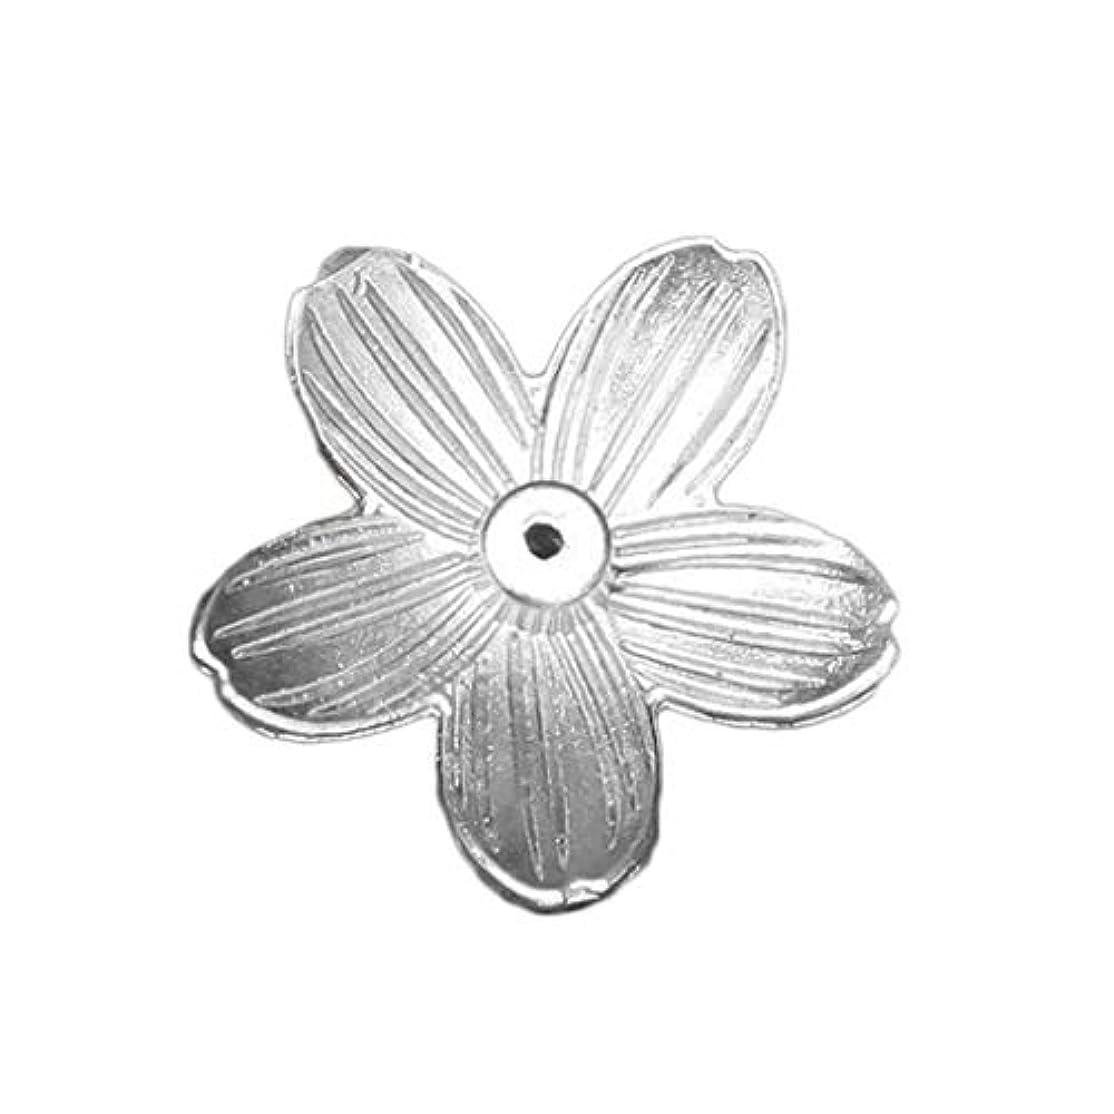 戸惑う欠席泥棒芳香器?アロマバーナー 1ピース桜の花柄香バーナースティックホルダー香ベースプラグ香スタンドホームデコレーション 芳香器?アロマバーナー (Color : C)